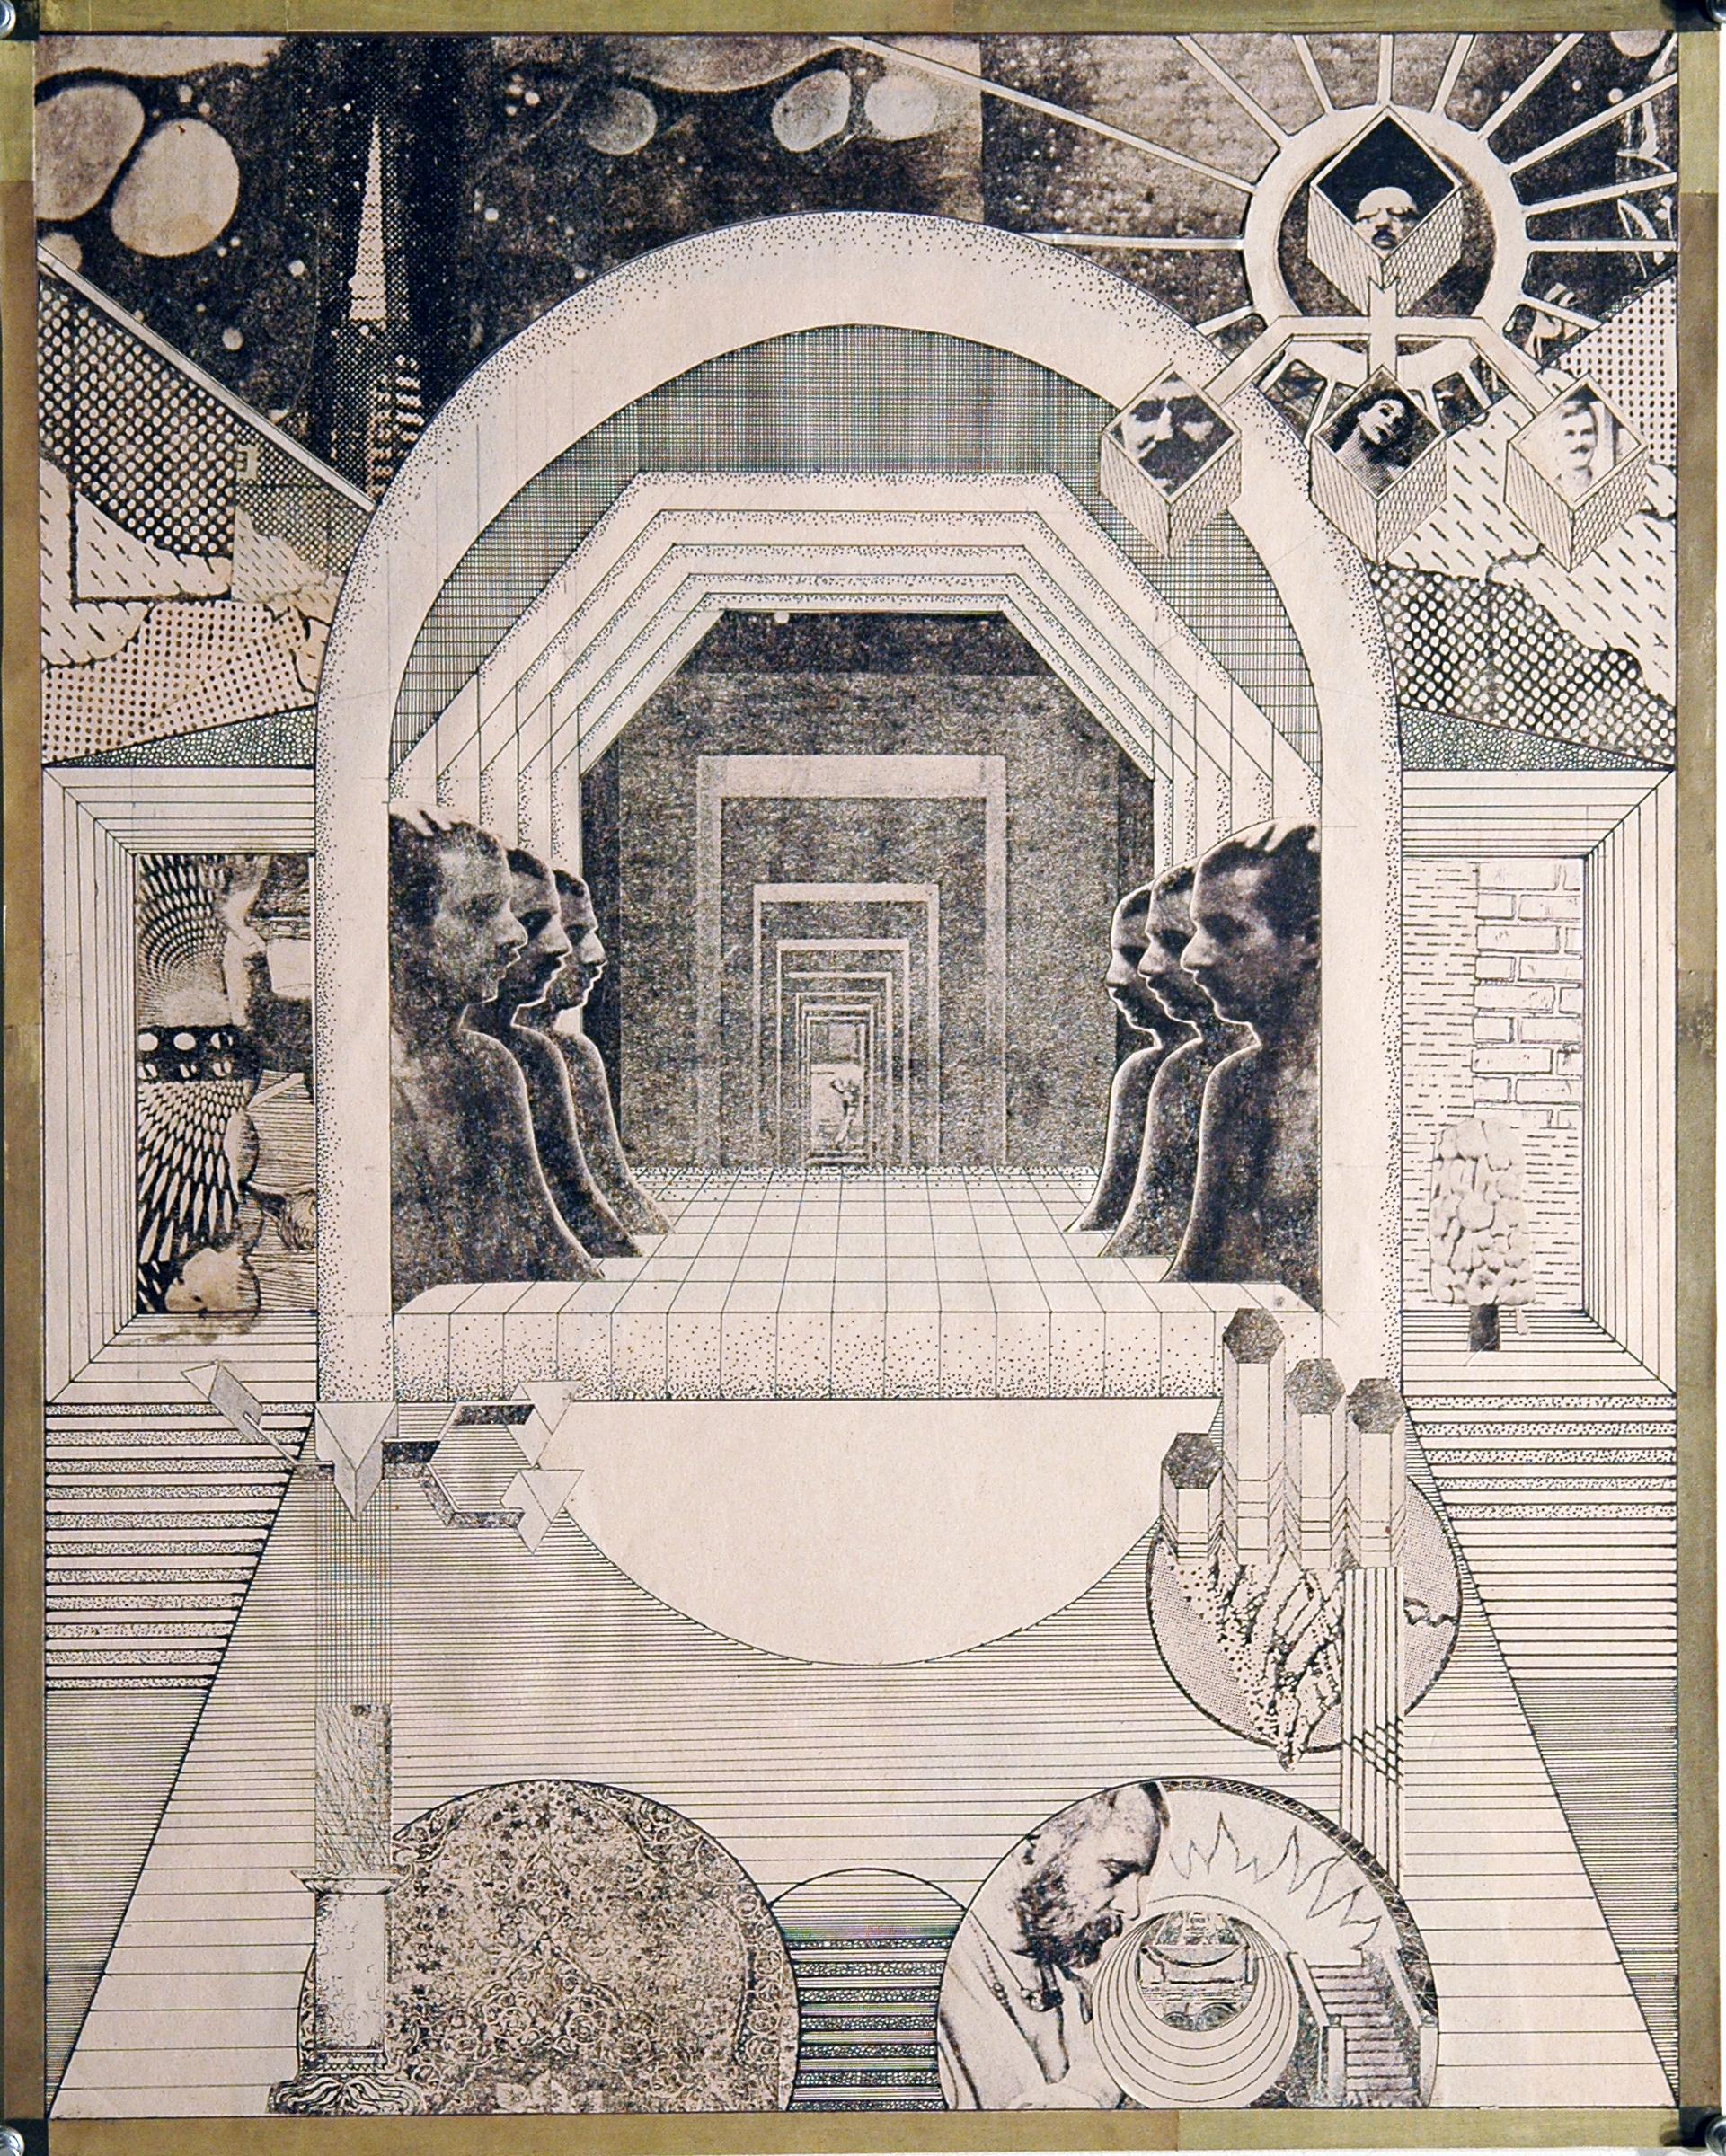 """GWENAËL RATTKE   Die Stadt und ihre Seele 1 , 2012, solvent transfer and collage on museum board, 22.25"""" x 18"""""""